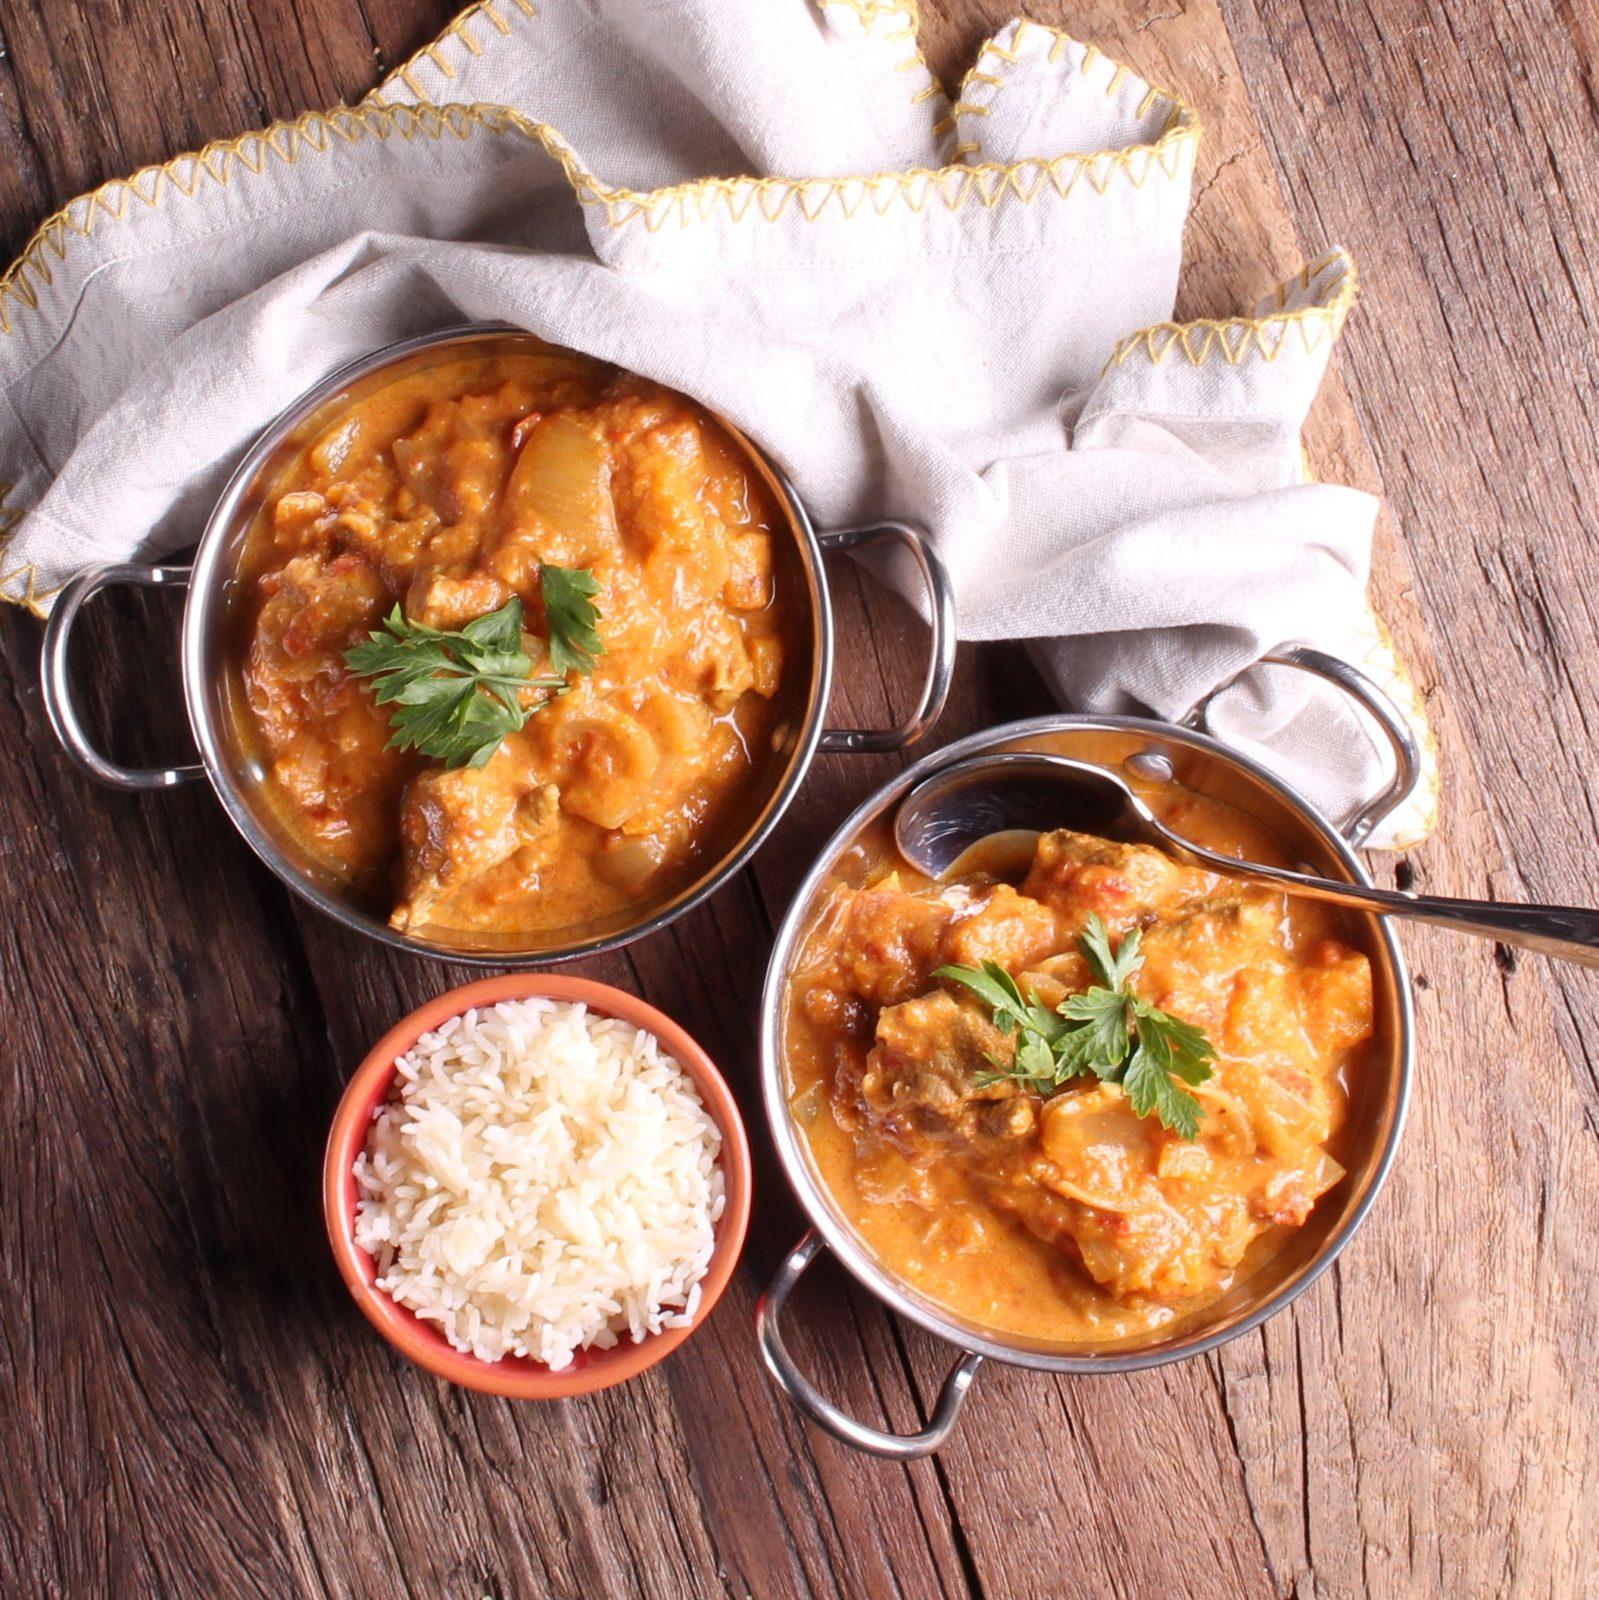 Pork and Pumpkin Curry by SunPork Fresh Foods - Pork Shoulder Recipe